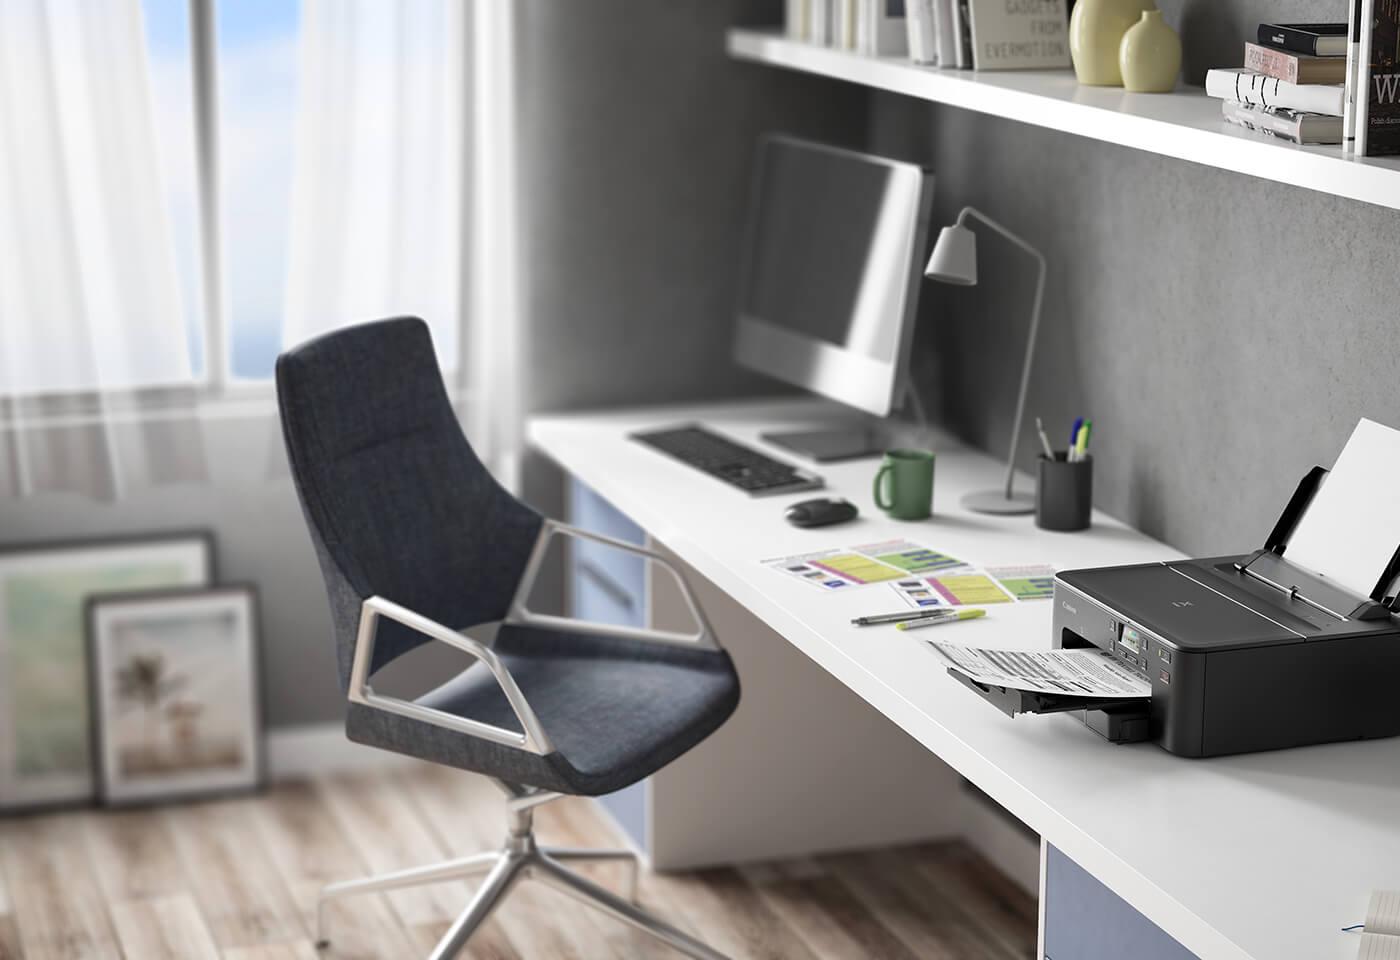 PIXMA TS706 in office